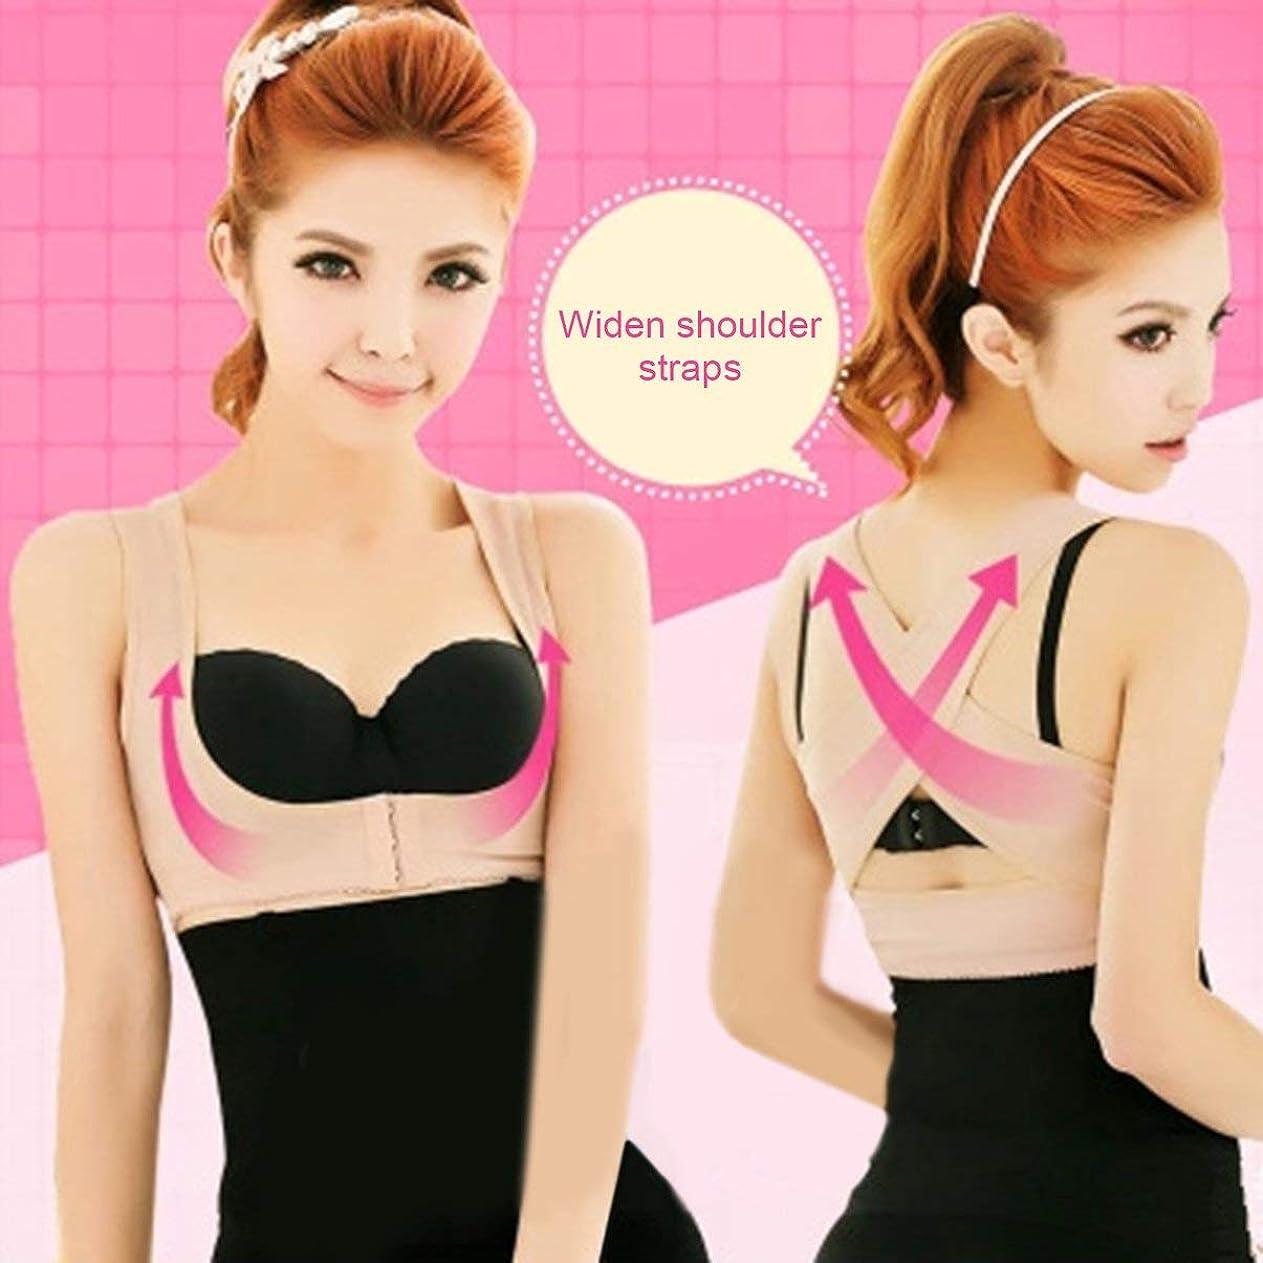 実質的にドアミラー即席Posture Corrector Women Chest Brace Up Prevent Chest Sagging And Humpback Bra Cross Strap Vest Body Shaper Slimming Underwear